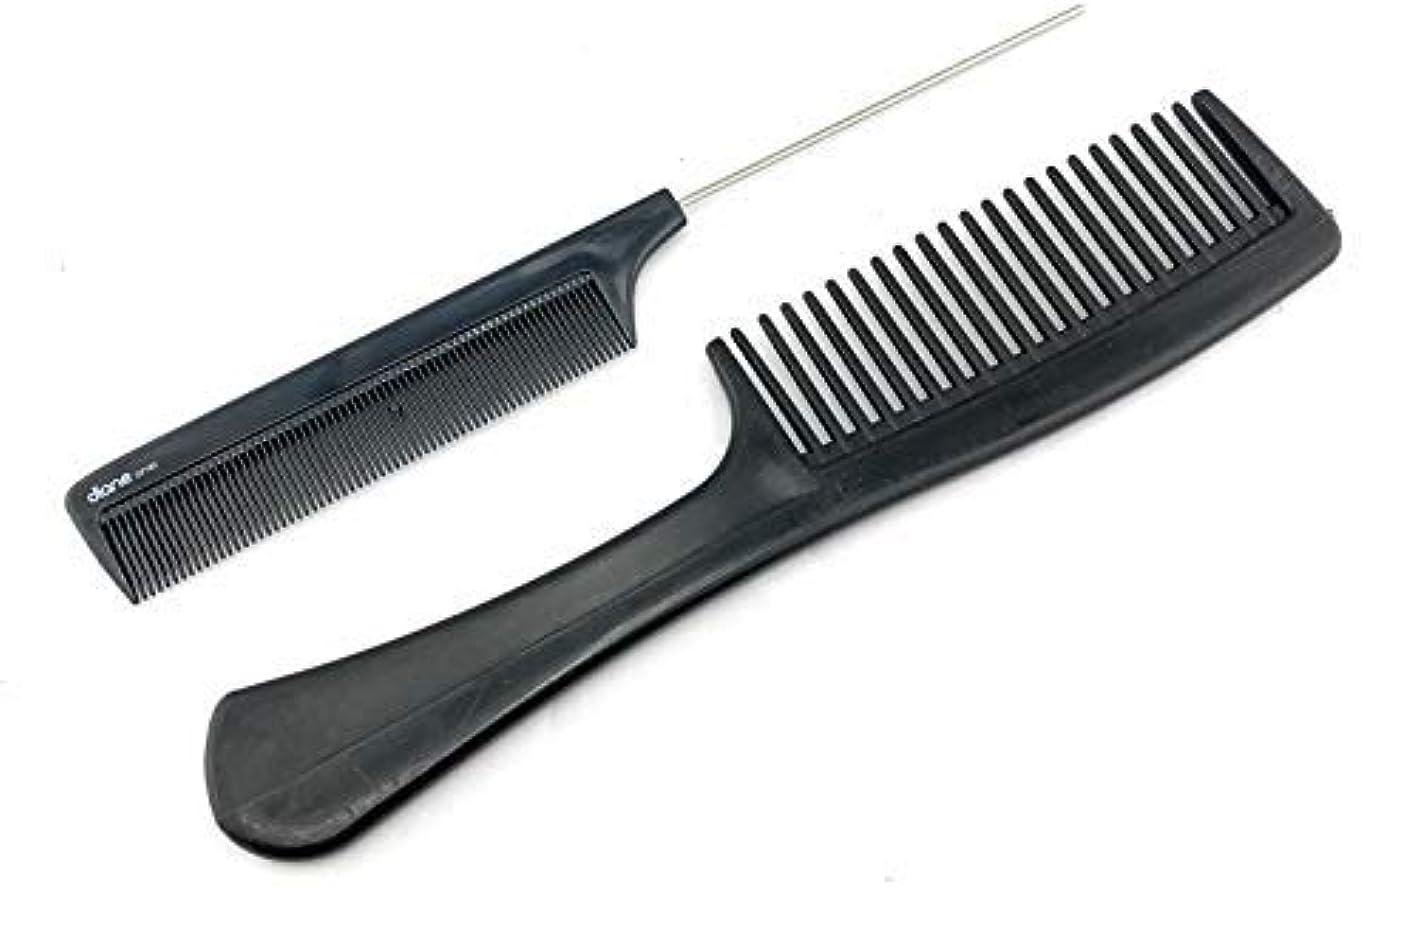 してはいけない嫌悪ホストUnbreakable Detangler Comb and Pin Tail Comb 8